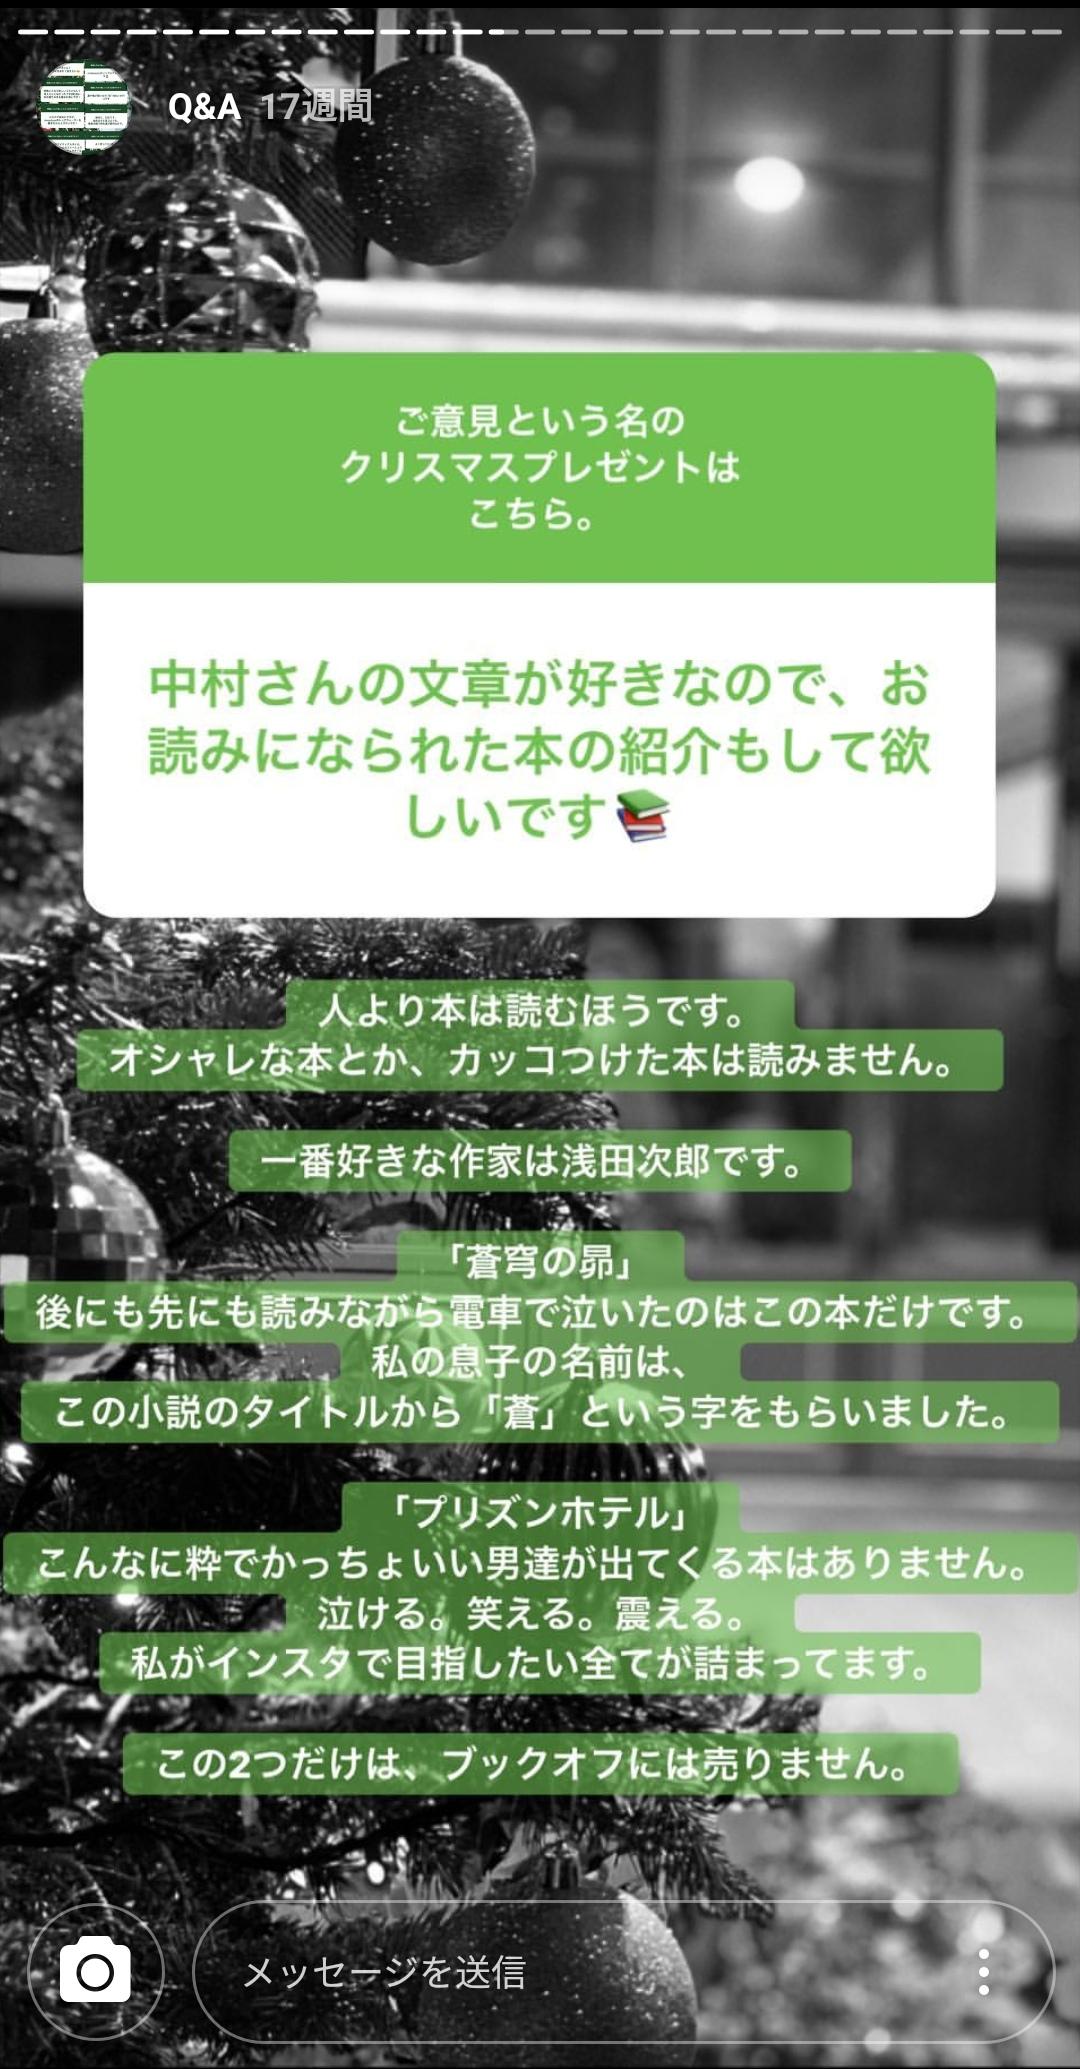 スキンケアインスタグラマーとのコミュニケーション!